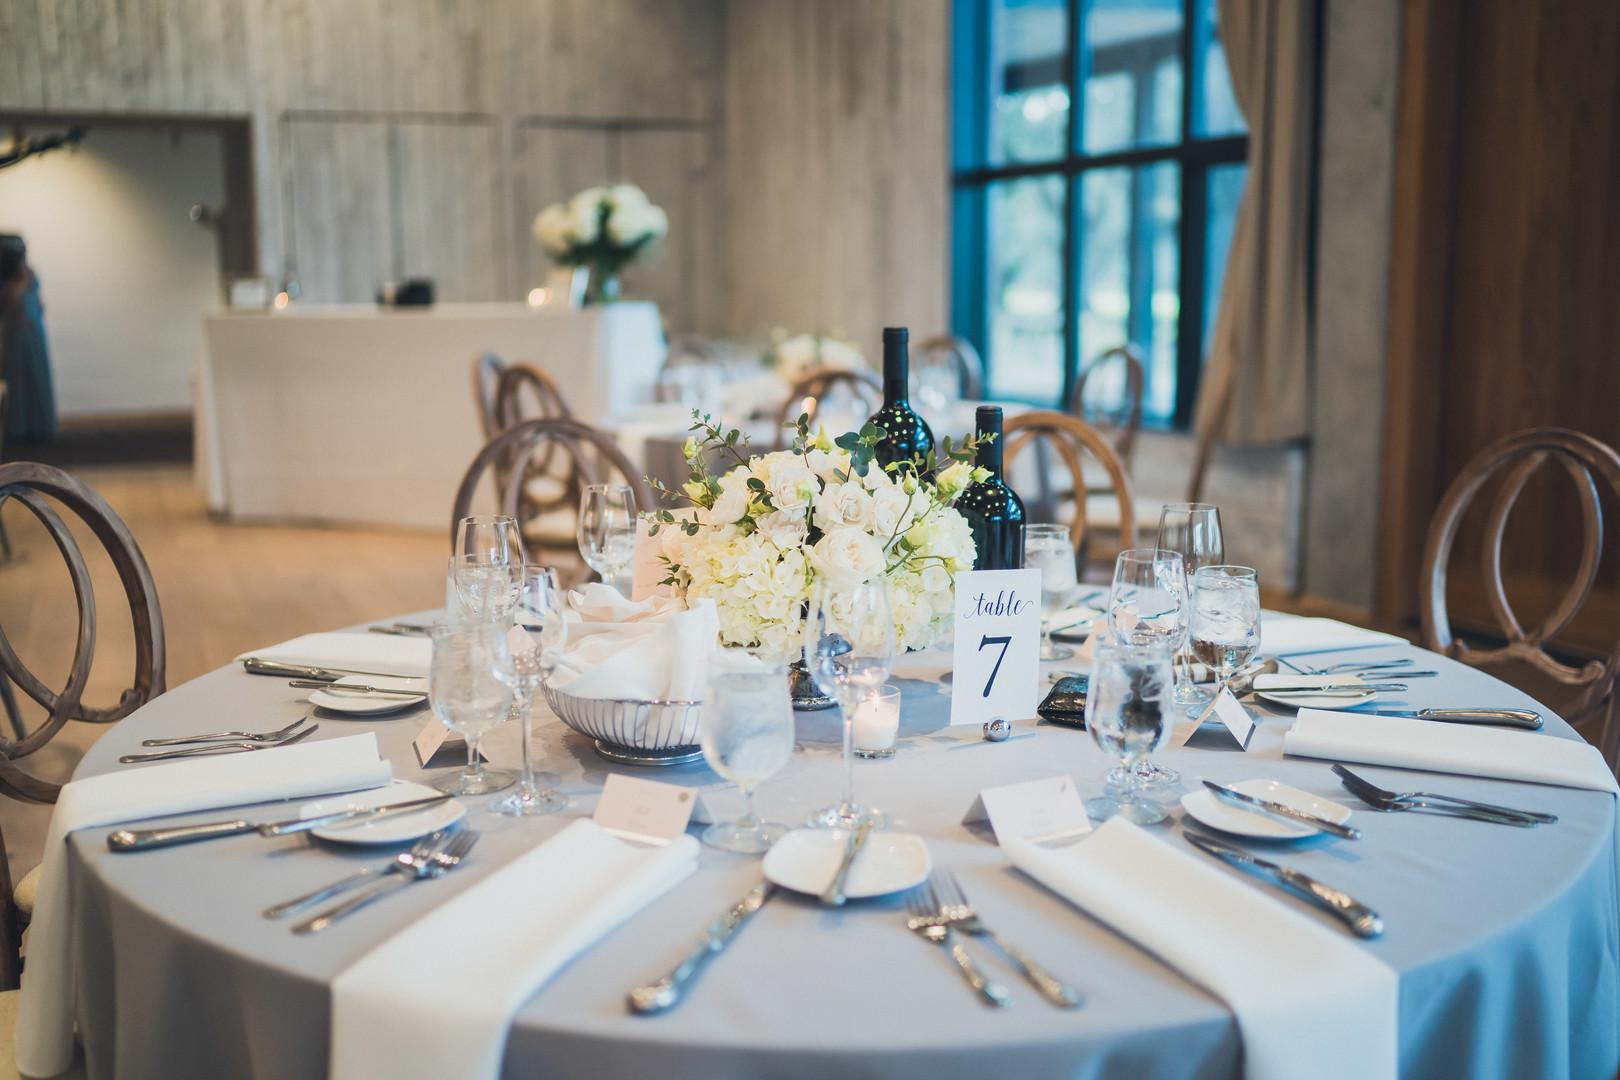 middleton-place-wedding-23.jpg